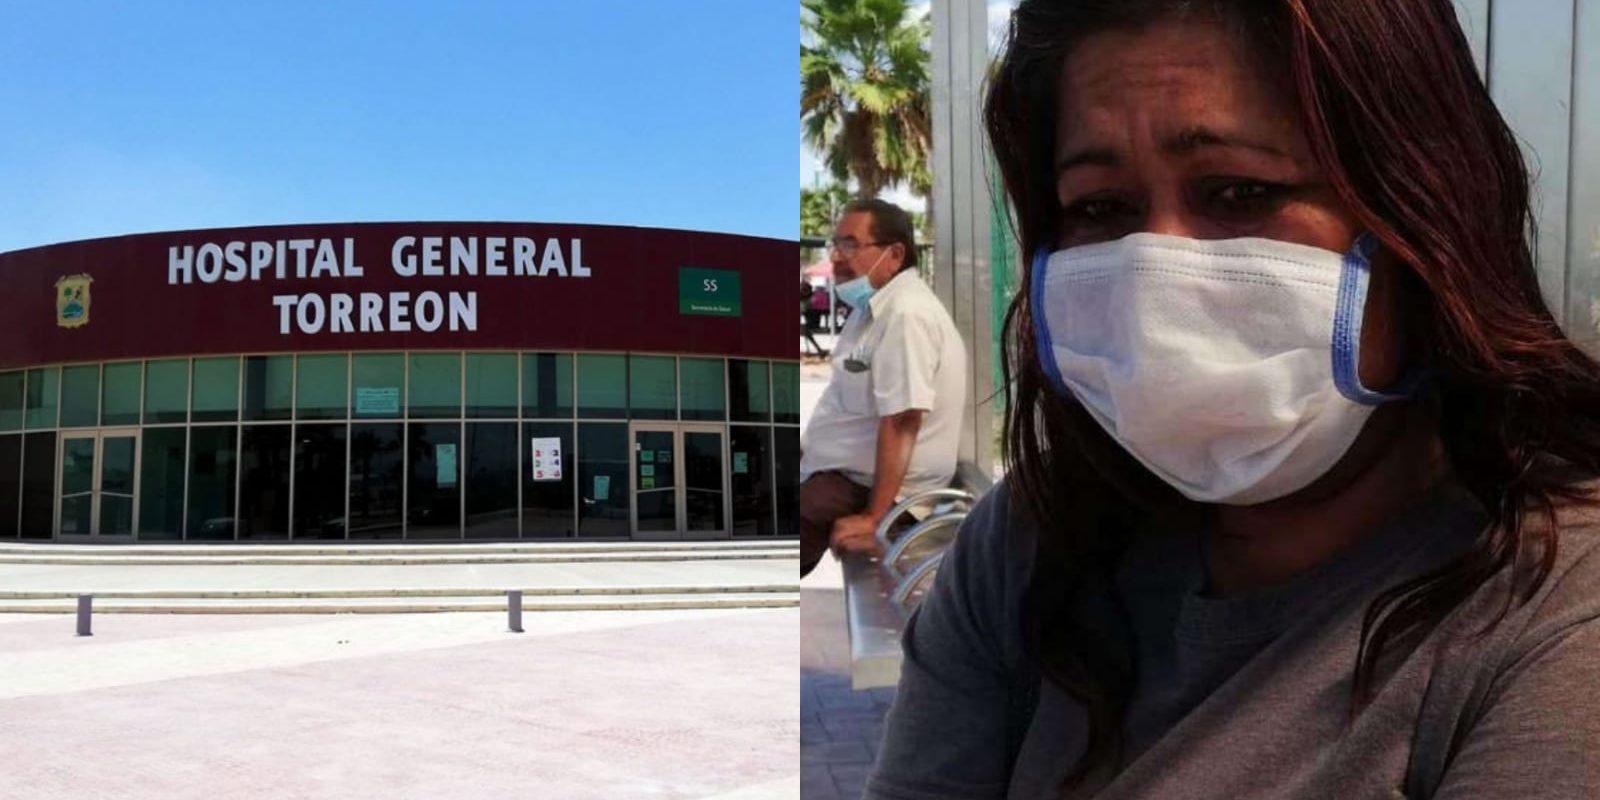 Madre denunció negligencia en Hospital de Torreón: Dejaron gasas dentro de su hija de 16 años